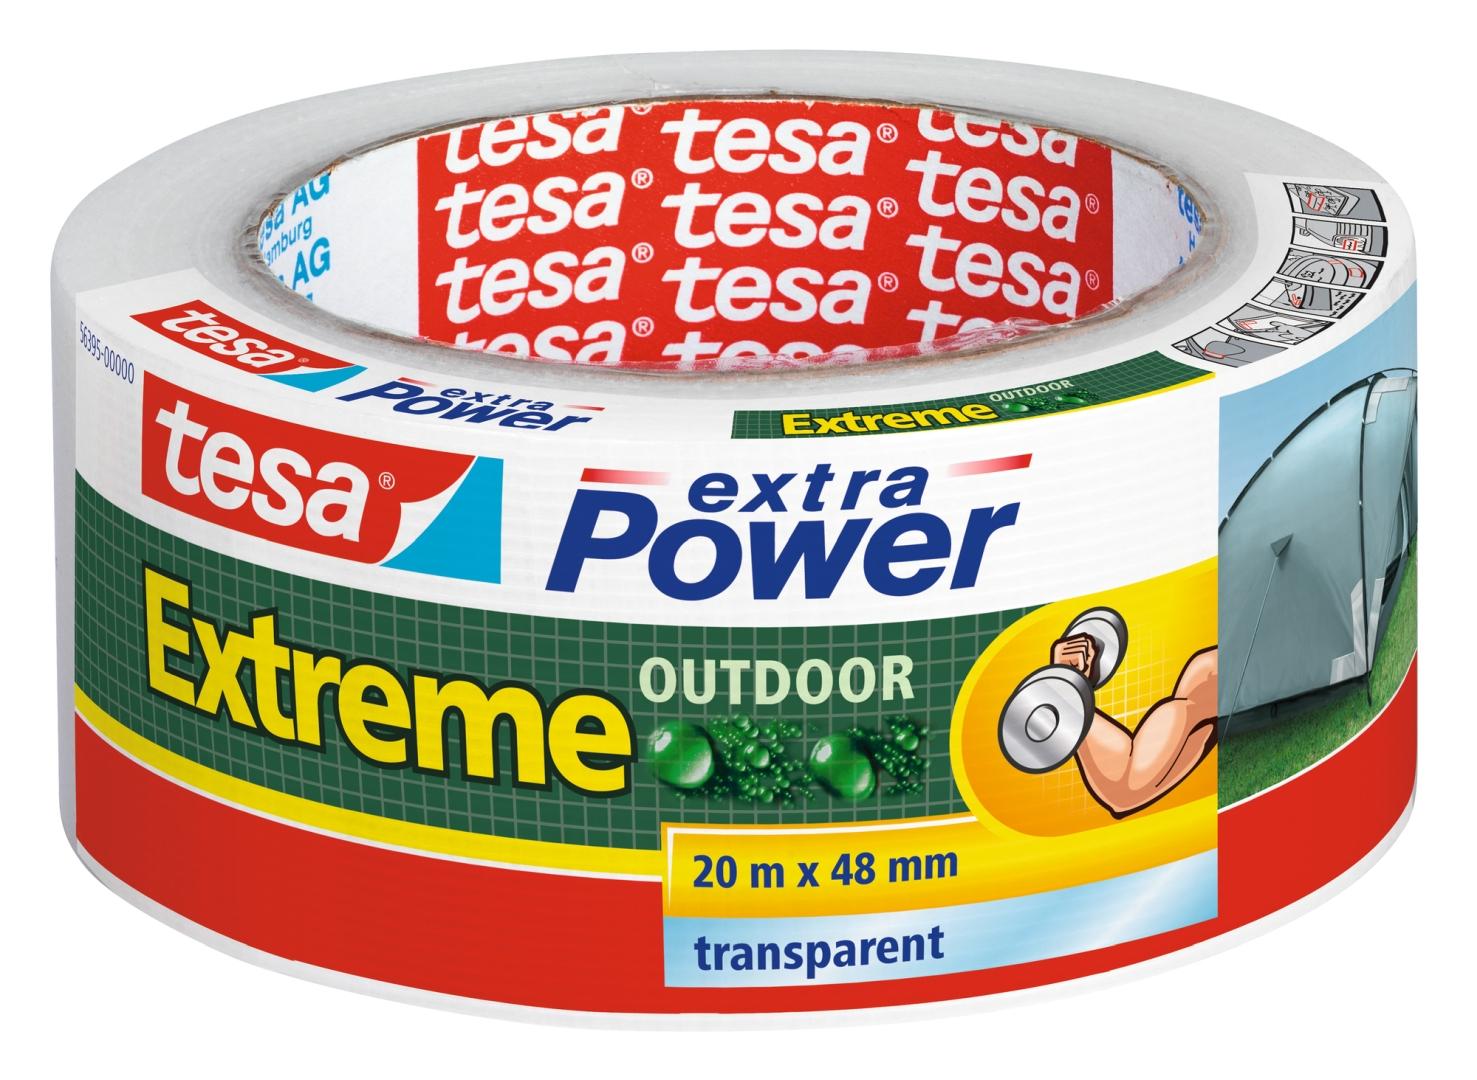 tesa Reparaturband, Klebeband, speziell für Außen, transparent, lösungsmittelfrei, 20 m x 48 mm